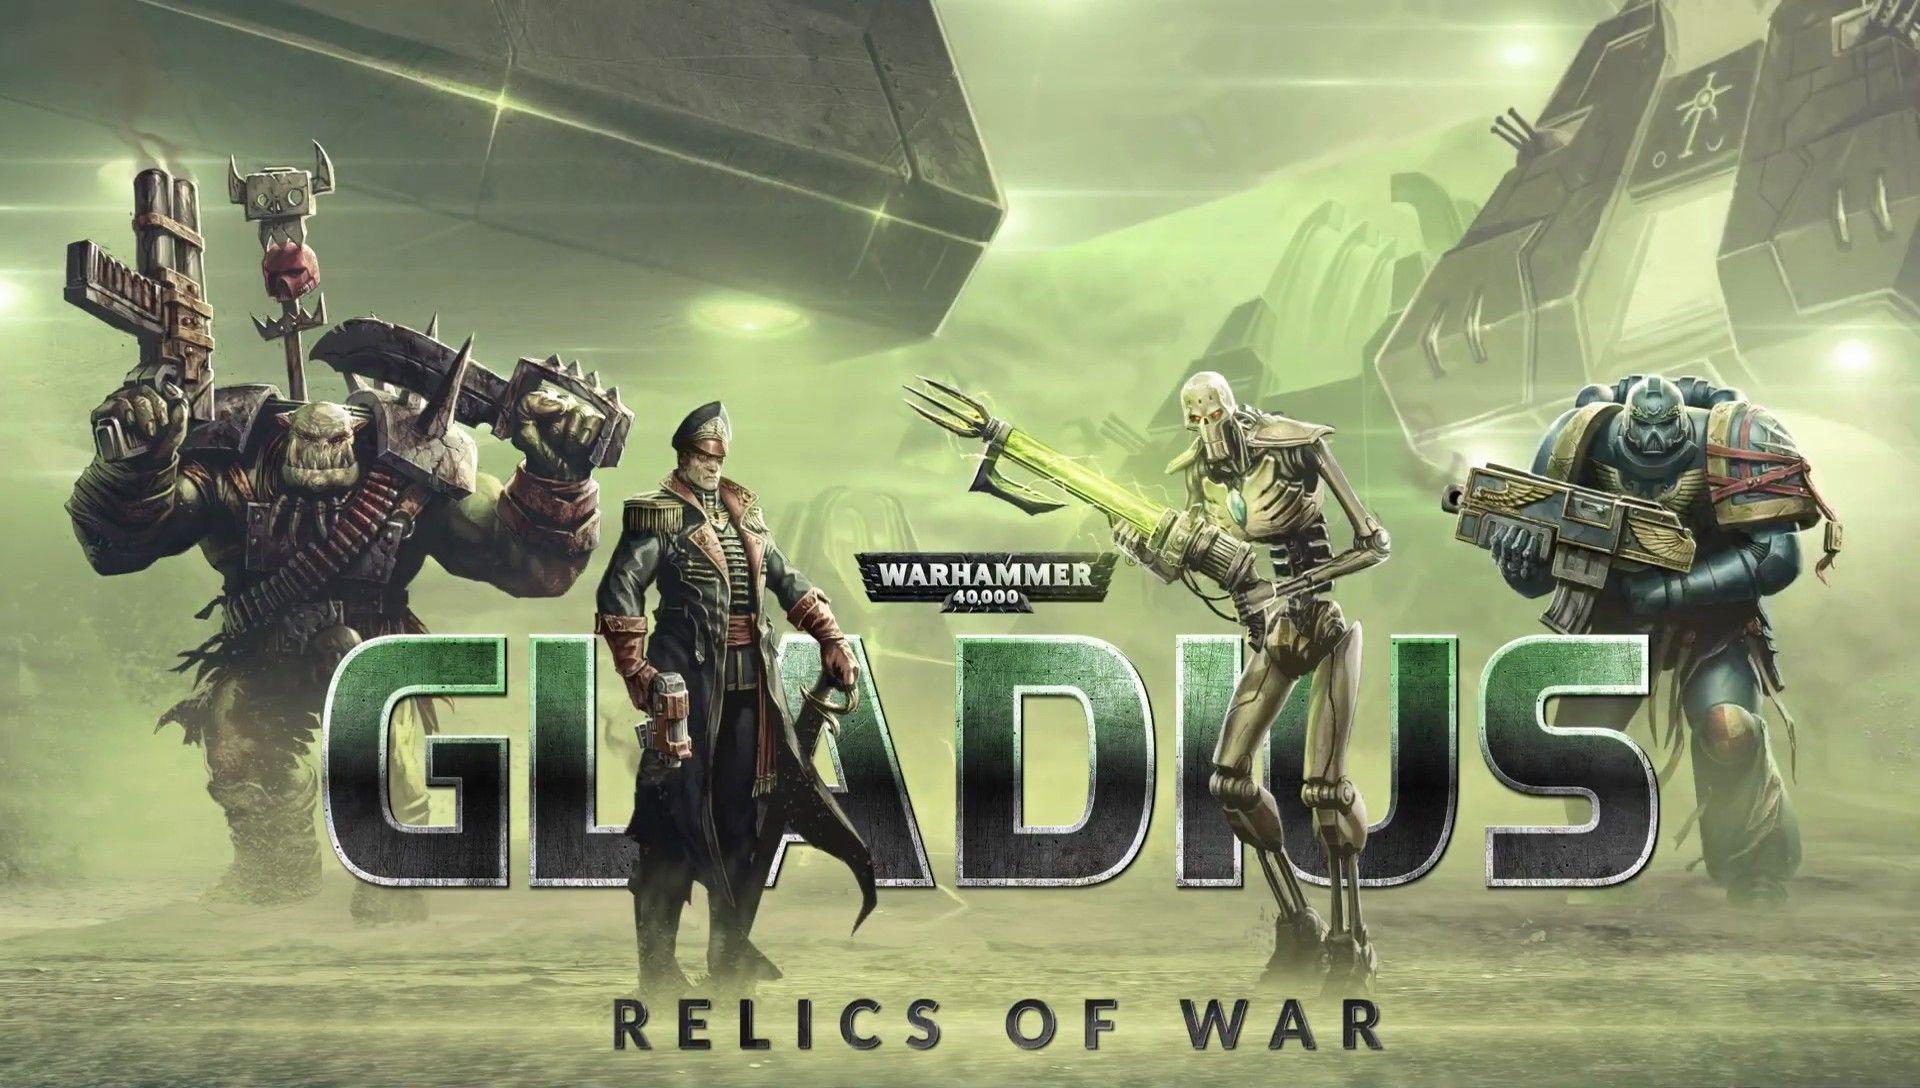 《戰鎚40K:角鬥士之戰爭聖器》公佈!星際戰士,獸人,帝國,亡靈大亂鬥 (策略 | War, Warhammer 40000, Space marine